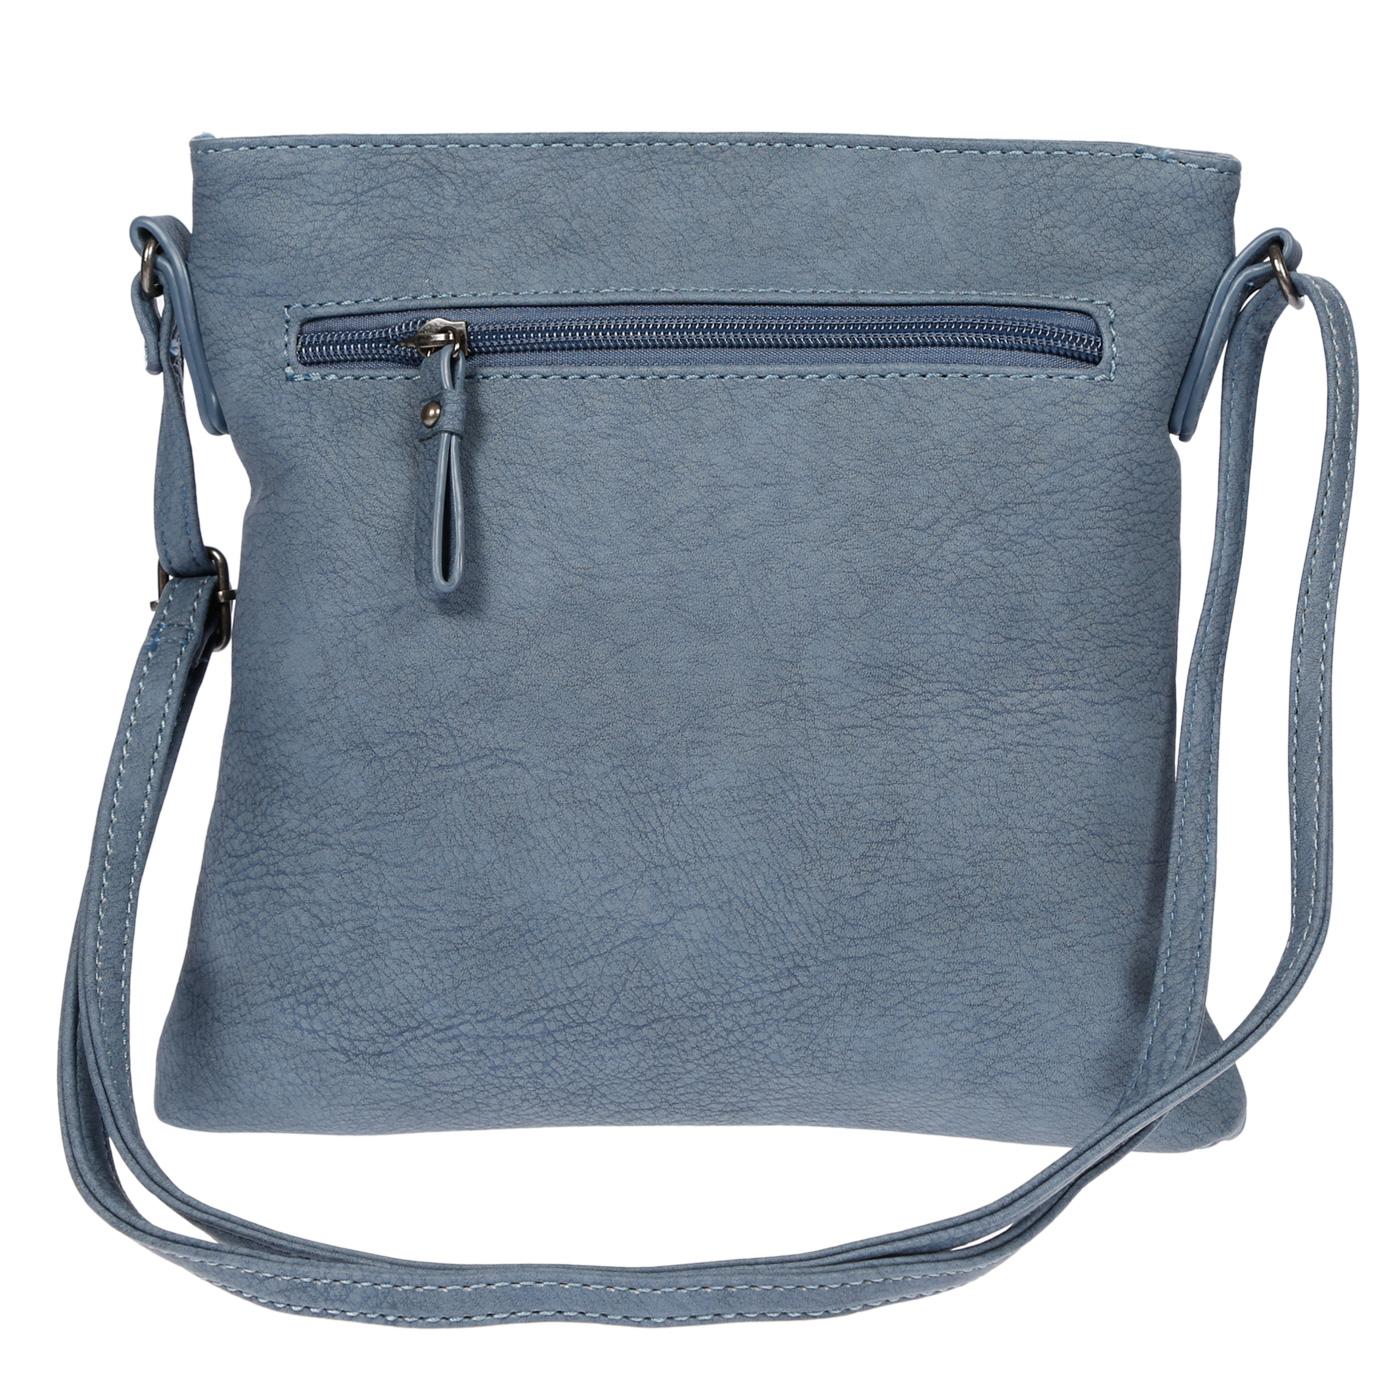 Damen-Handtasche-Umhaengetasche-Schultertasche-Tasche-Leder-Optik-Schwarz-Weiss Indexbild 47